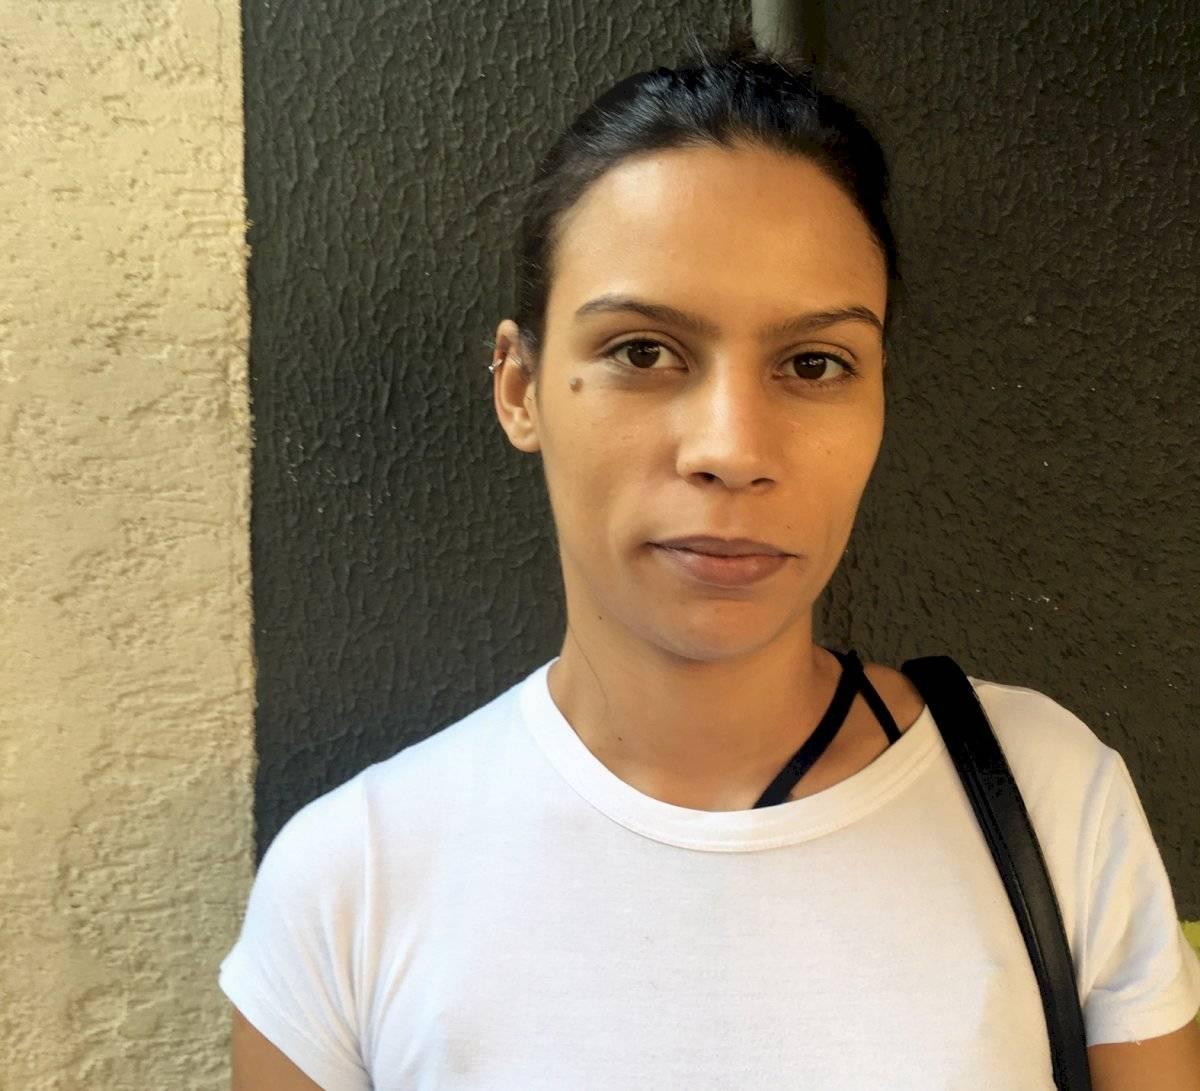 Thais de Oliveira Silva, 27 anos, sub-chef de cozinha, fumante Letícia Tanaka/Metro